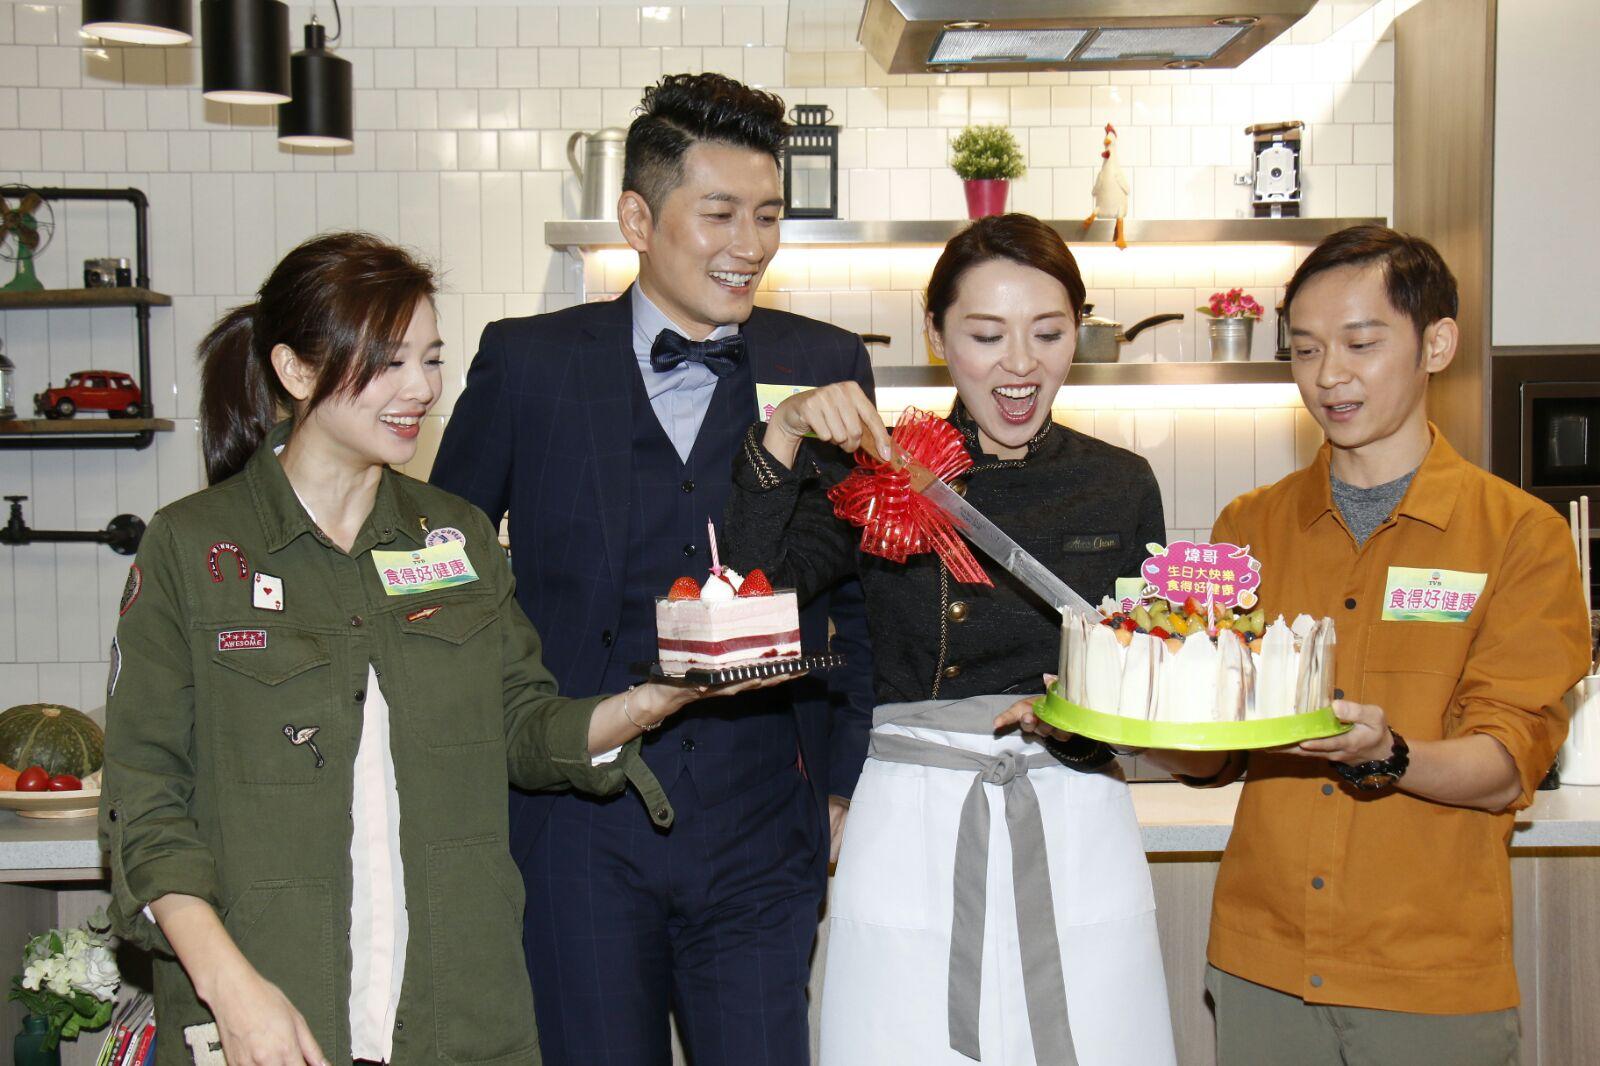 麥美恩、袁文傑、鄧智堅為煒哥送上生日蛋糕。